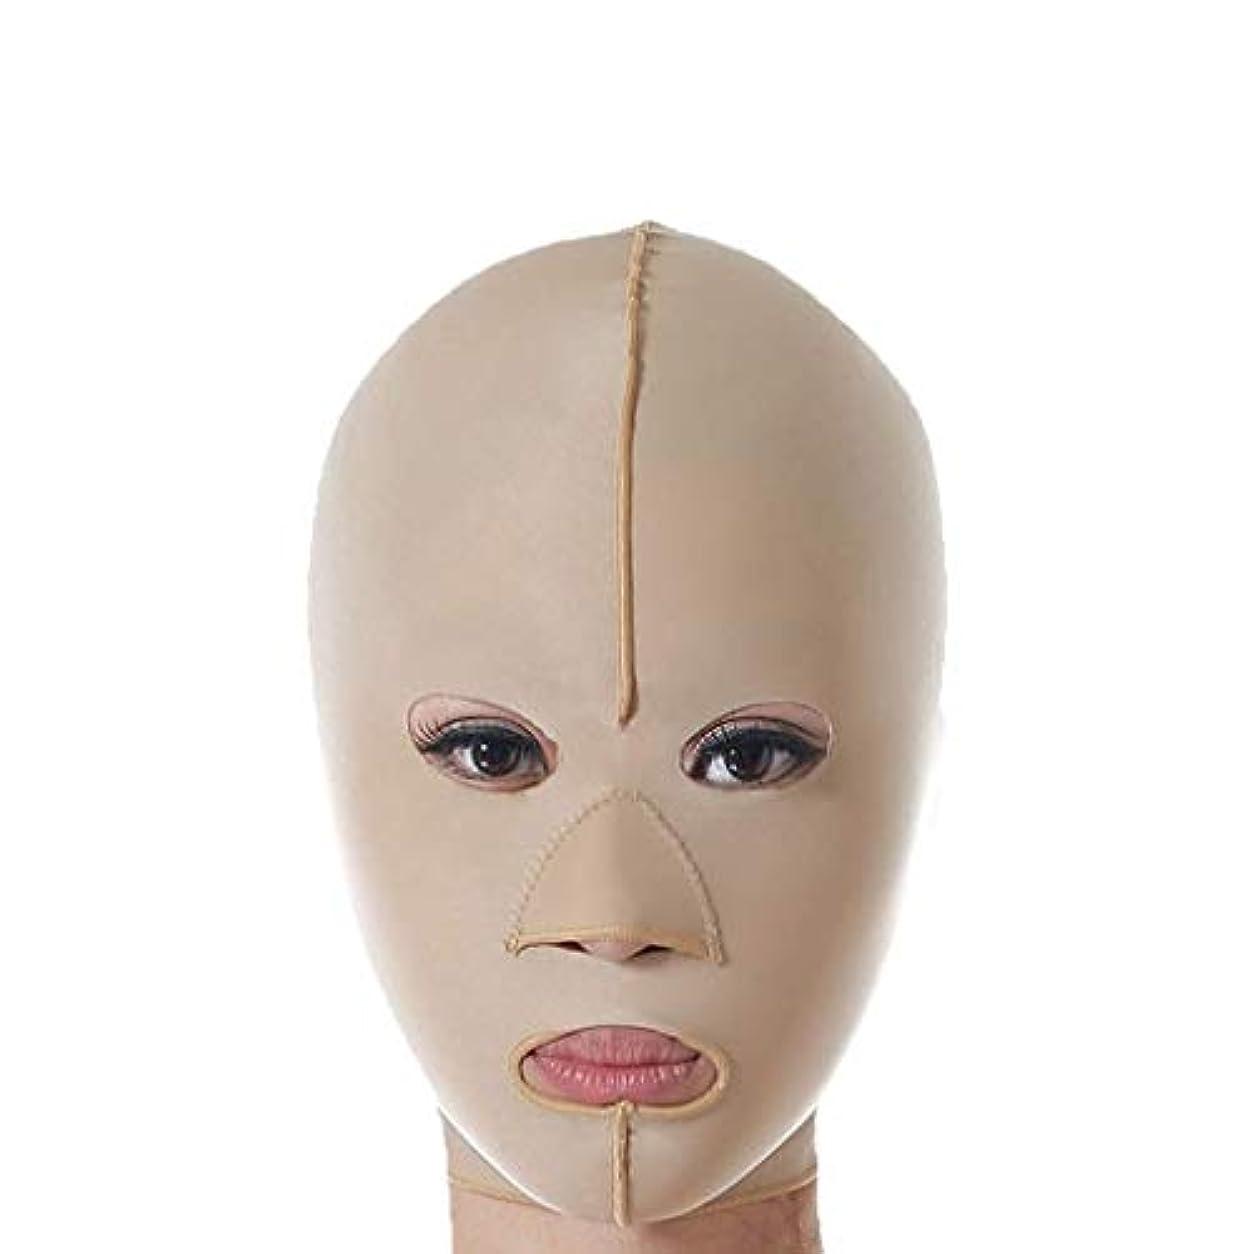 ガイダンス異常望ましい減量フェイスマスク、リフティング包帯、スリムフェイスリフトリフティングベルト、フェイシャル減量リフティング包帯、リフティングファーミング包帯(サイズ:XL),XL